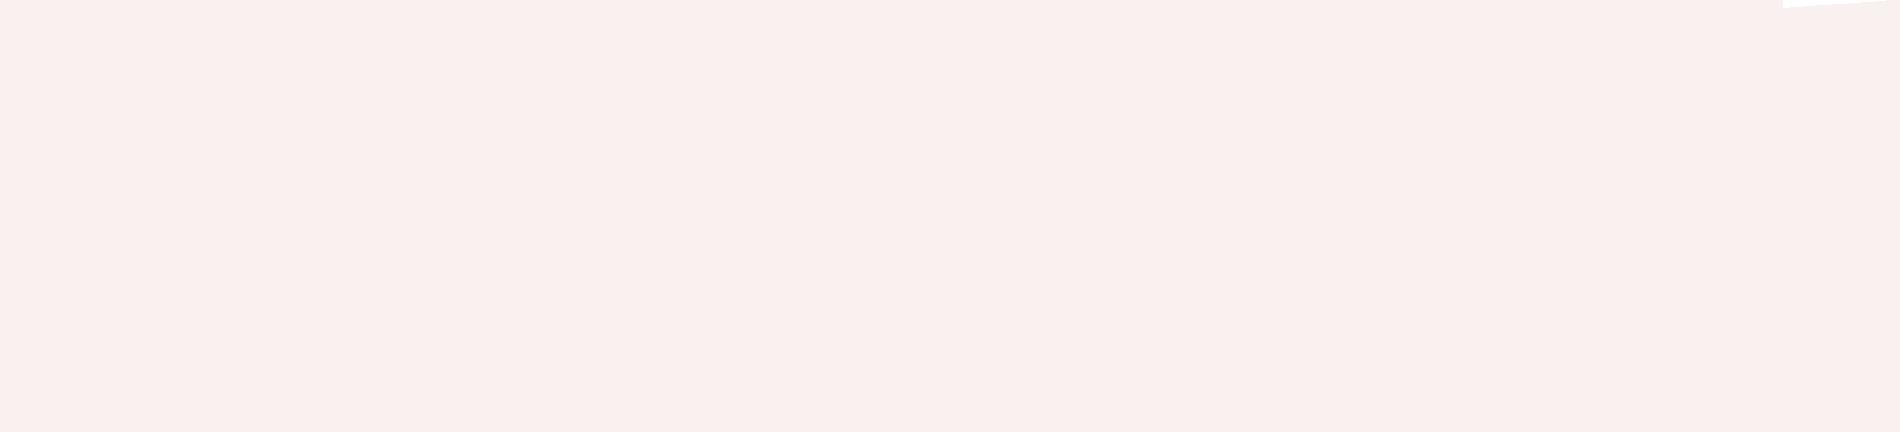 PinkSlant-1-2